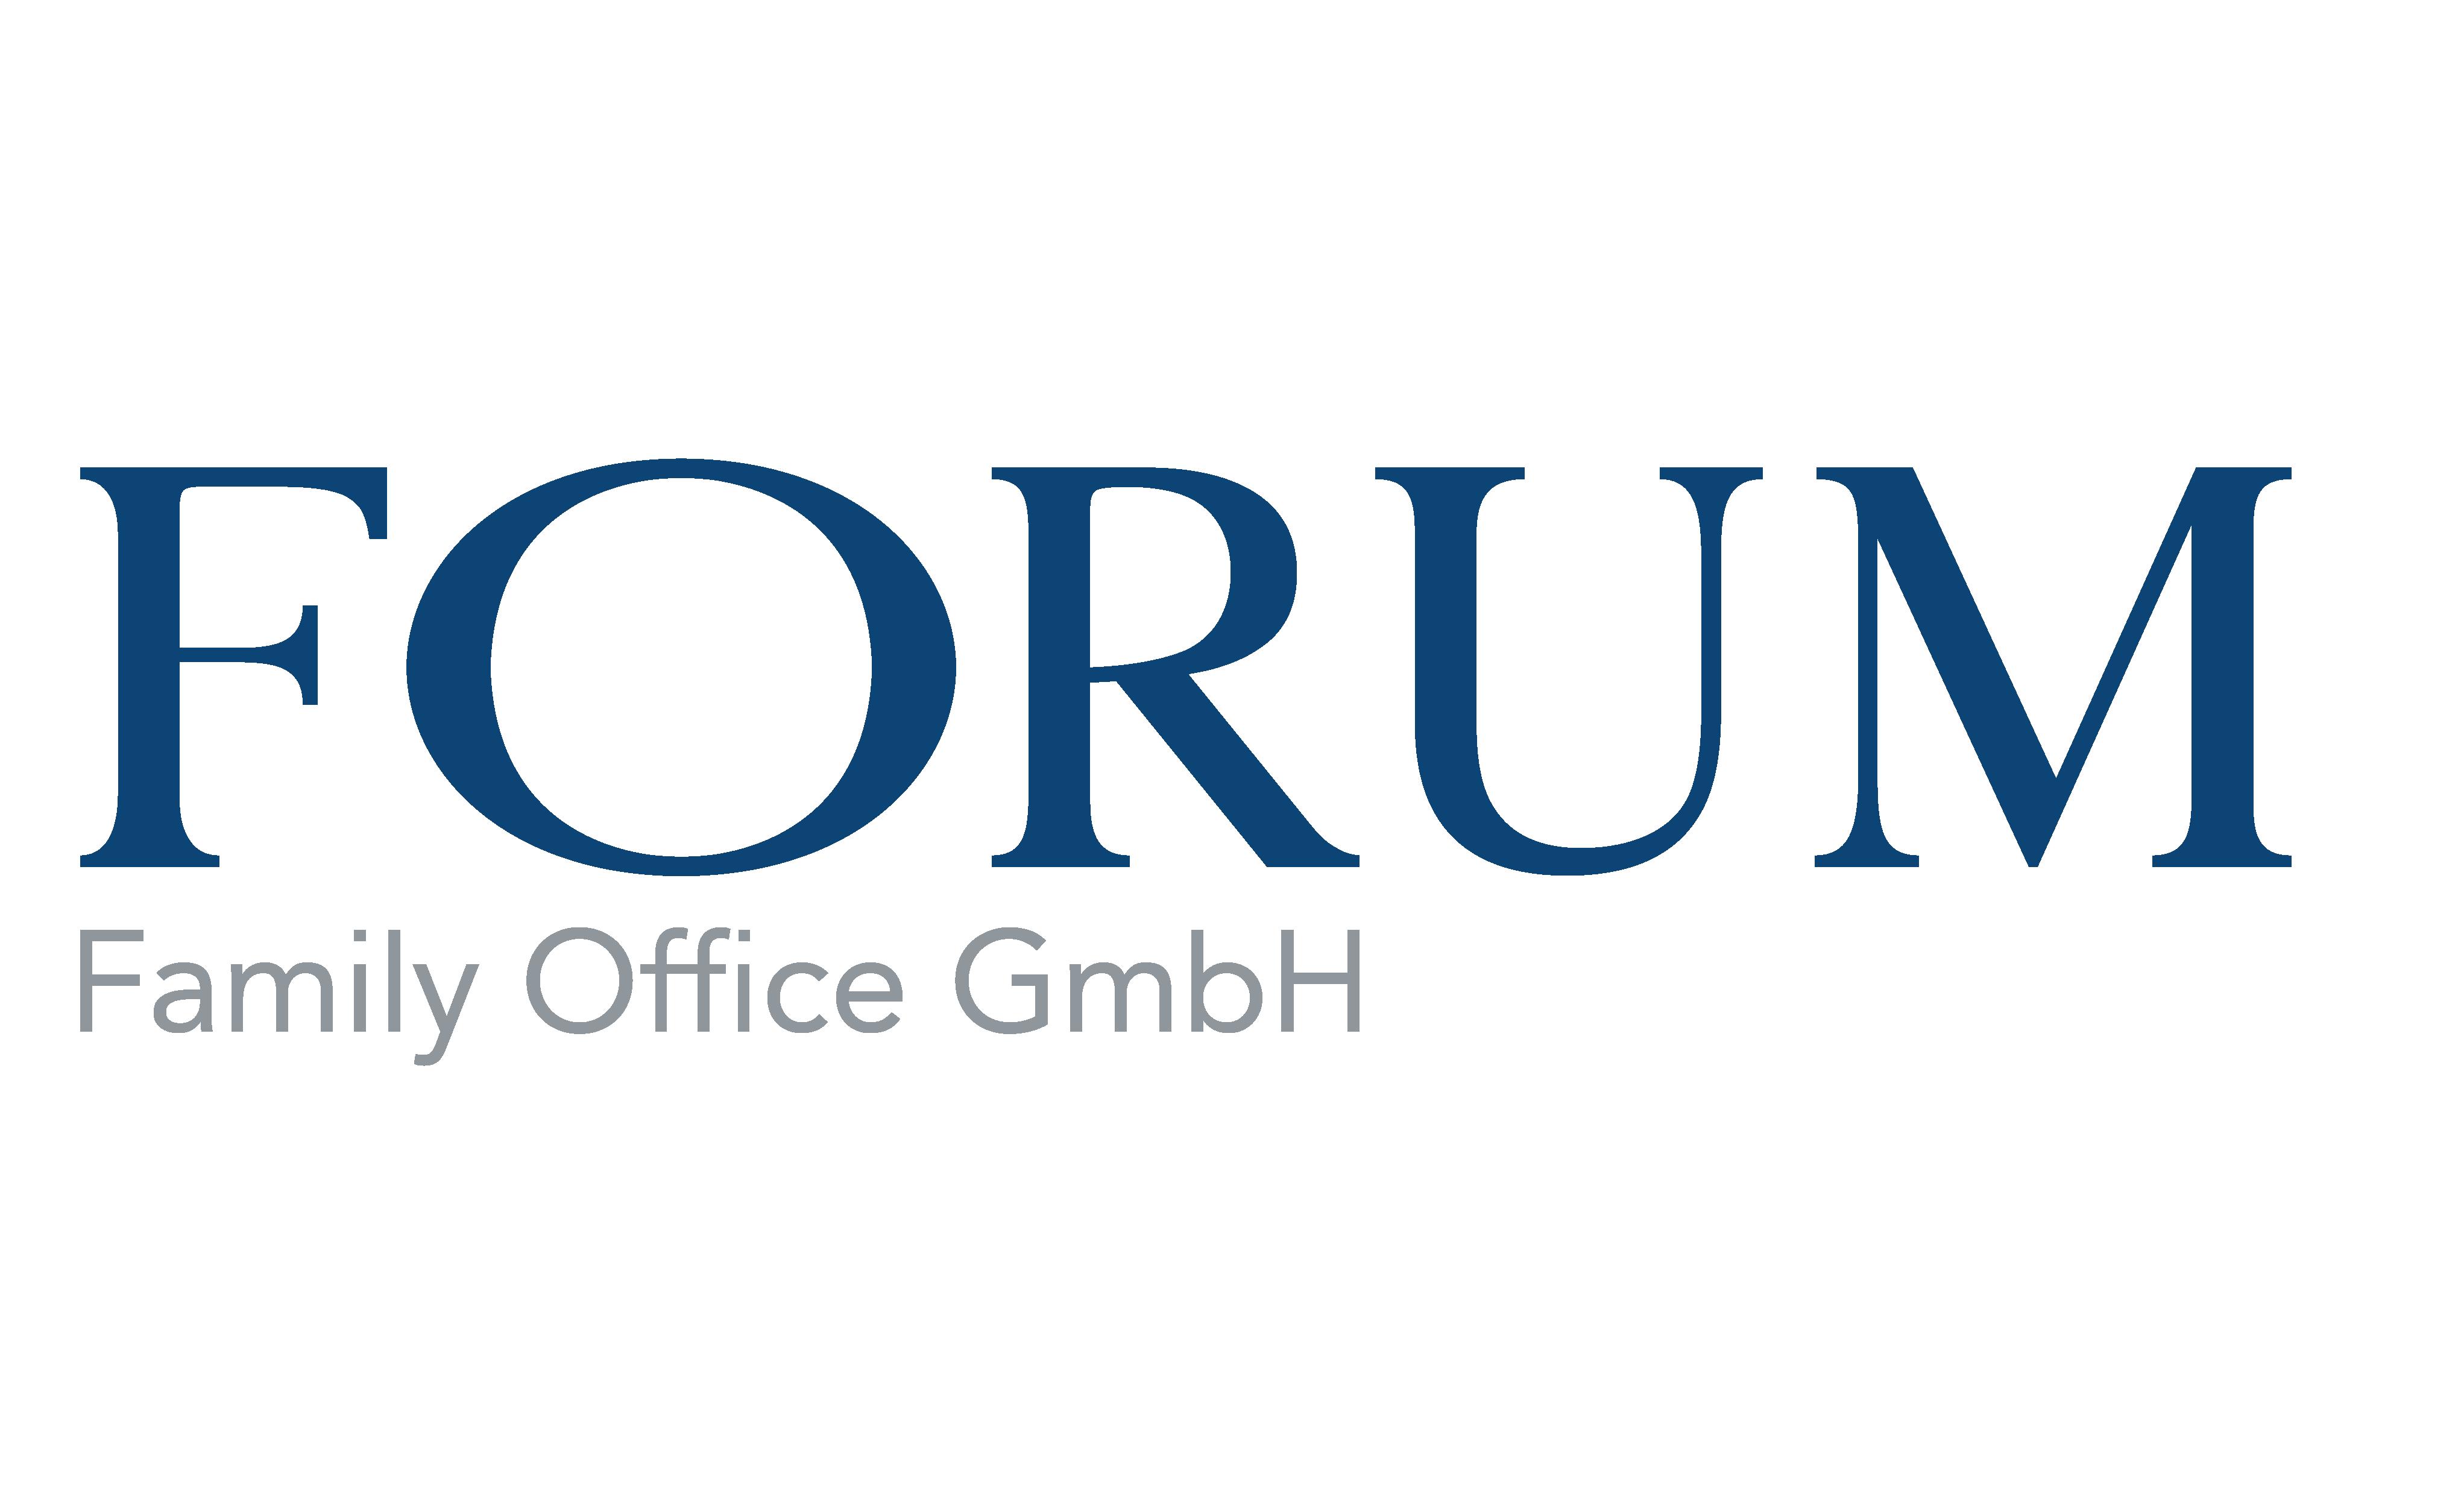 Aufgrund von Hygiene-Vorlagen wurde das diesjährige FORUM-Unternehmer Treff auf drei Termine verteilt. Vom 12.11.2020 bis zum 14.11.2020 fand das zweite Treffen bei der Tochtergesellschaft Suxxeed in Nürnberg statt. Eingeladen waren die Unternehmer und Geschäftsführer der FORUM-Bet...